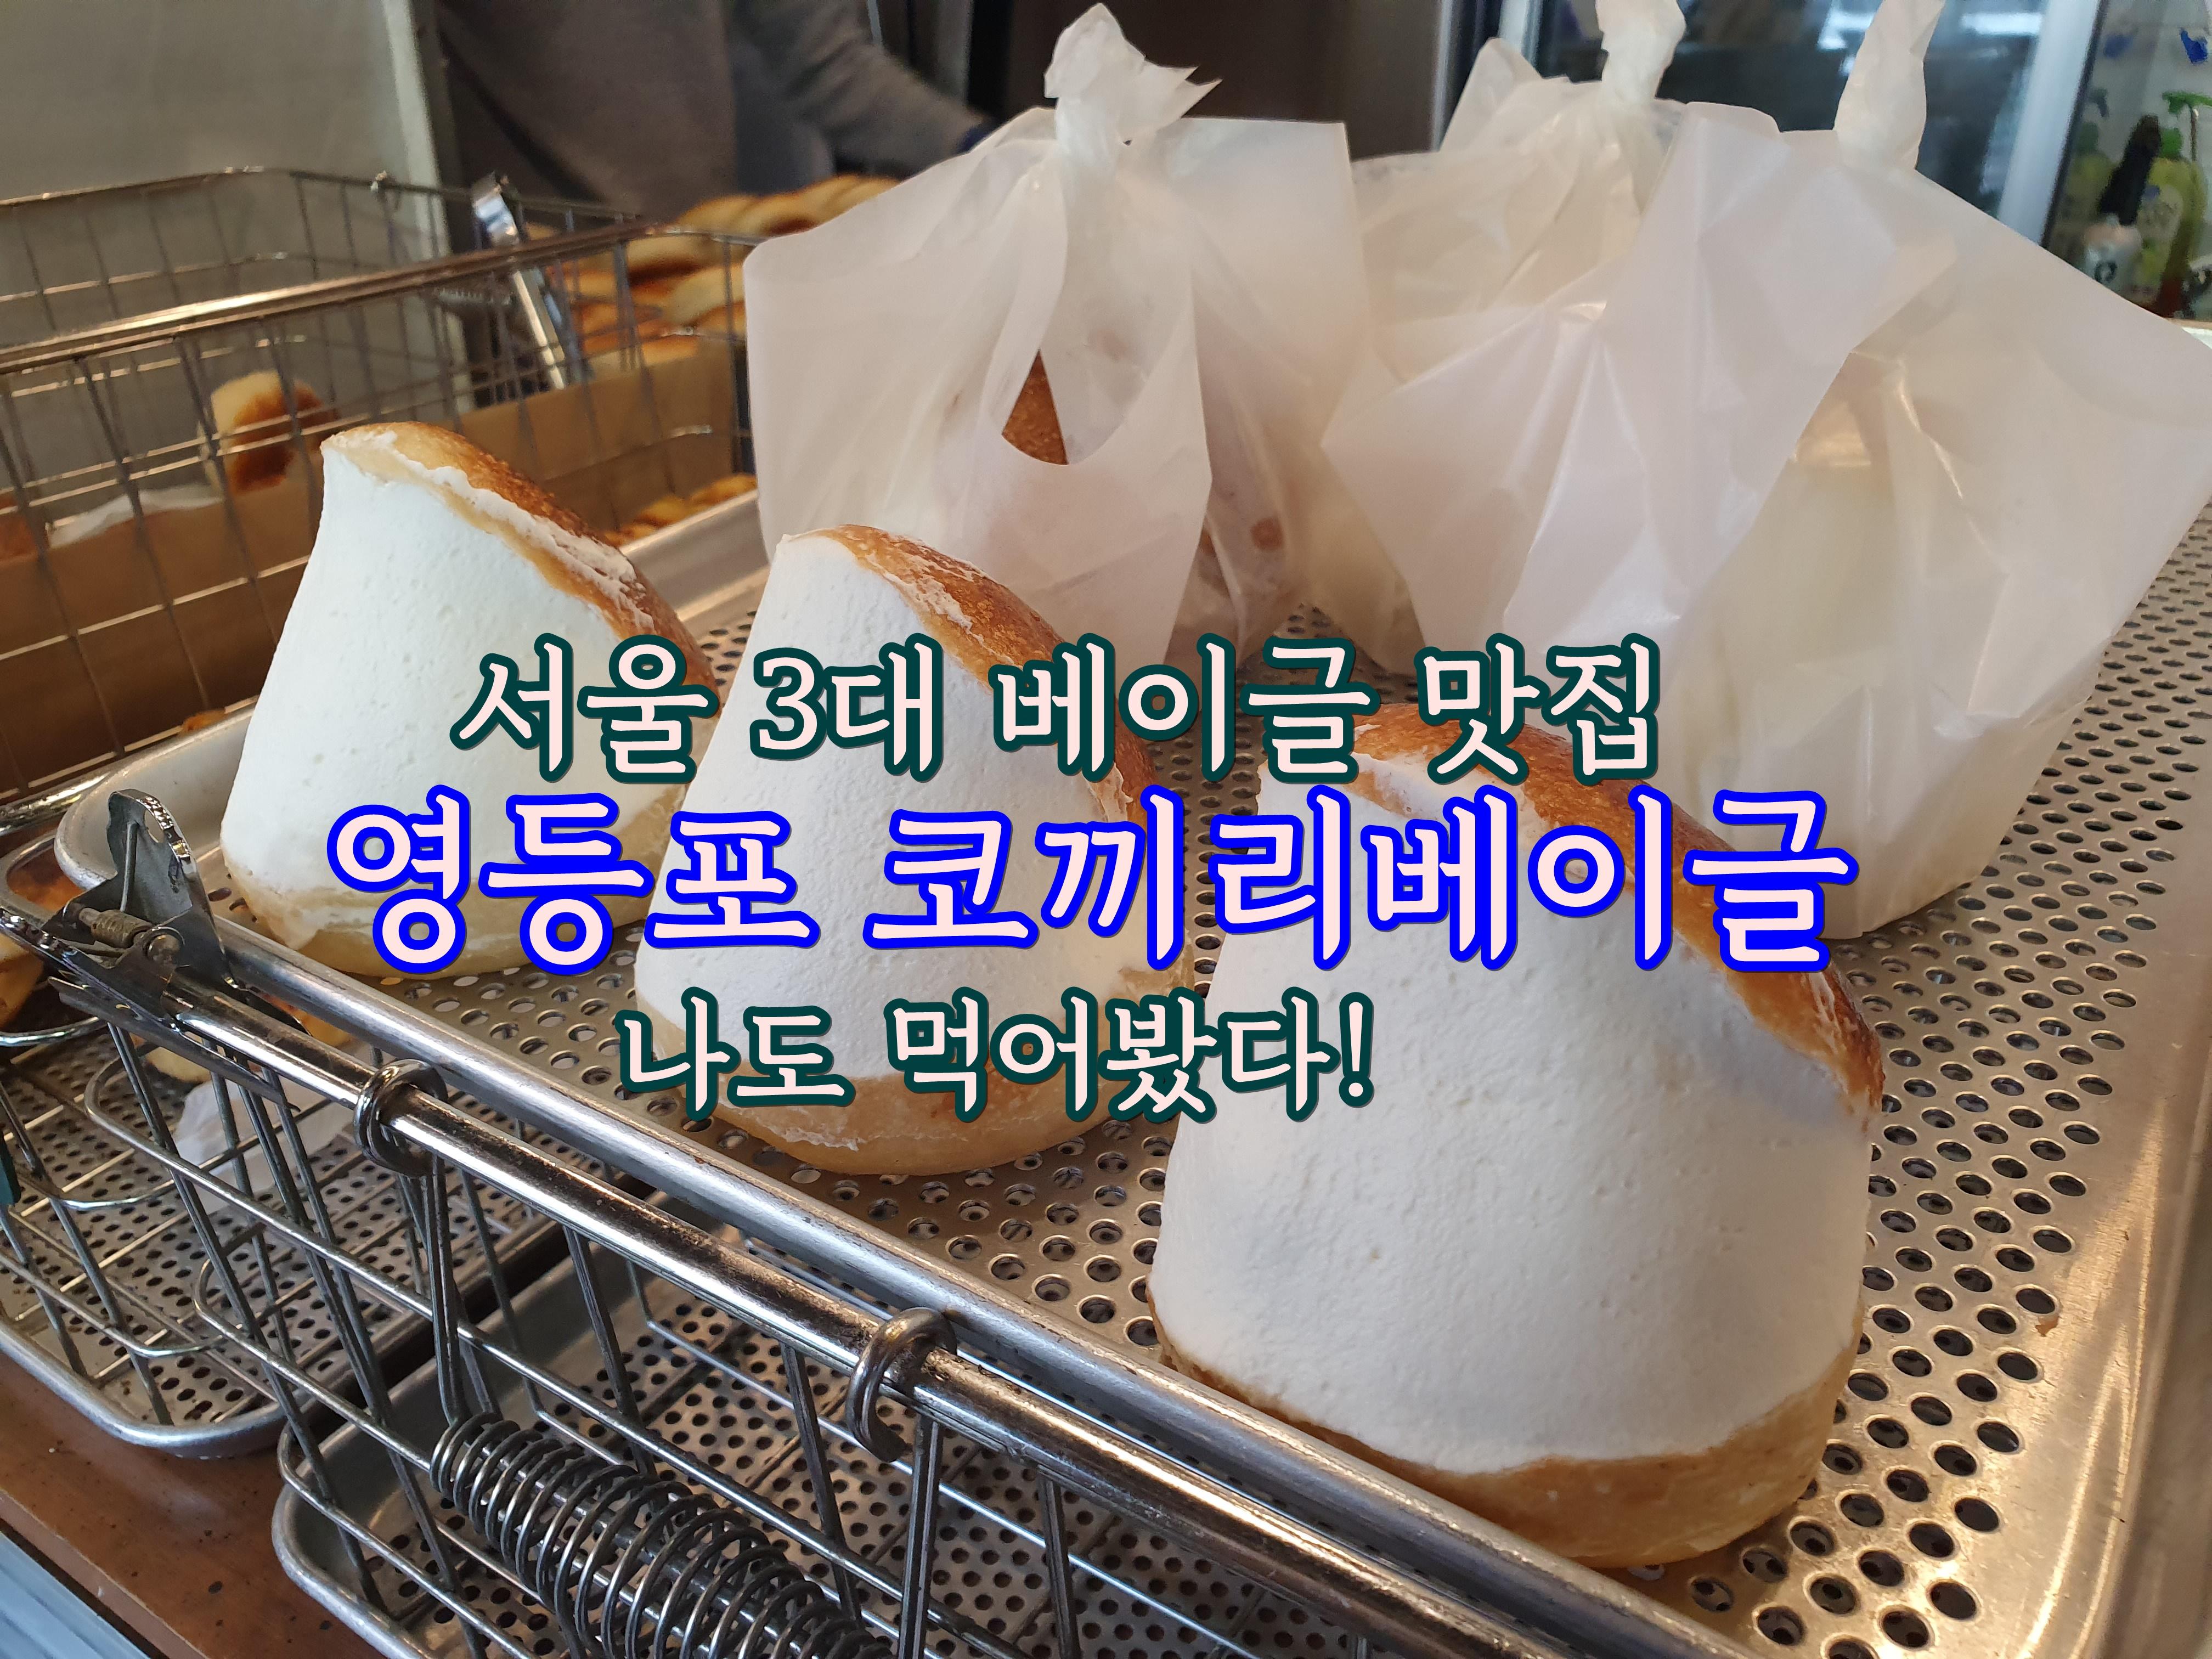 서울 3대 베이글 맛집, 영등포 코끼리베이글 본점 솔직후기